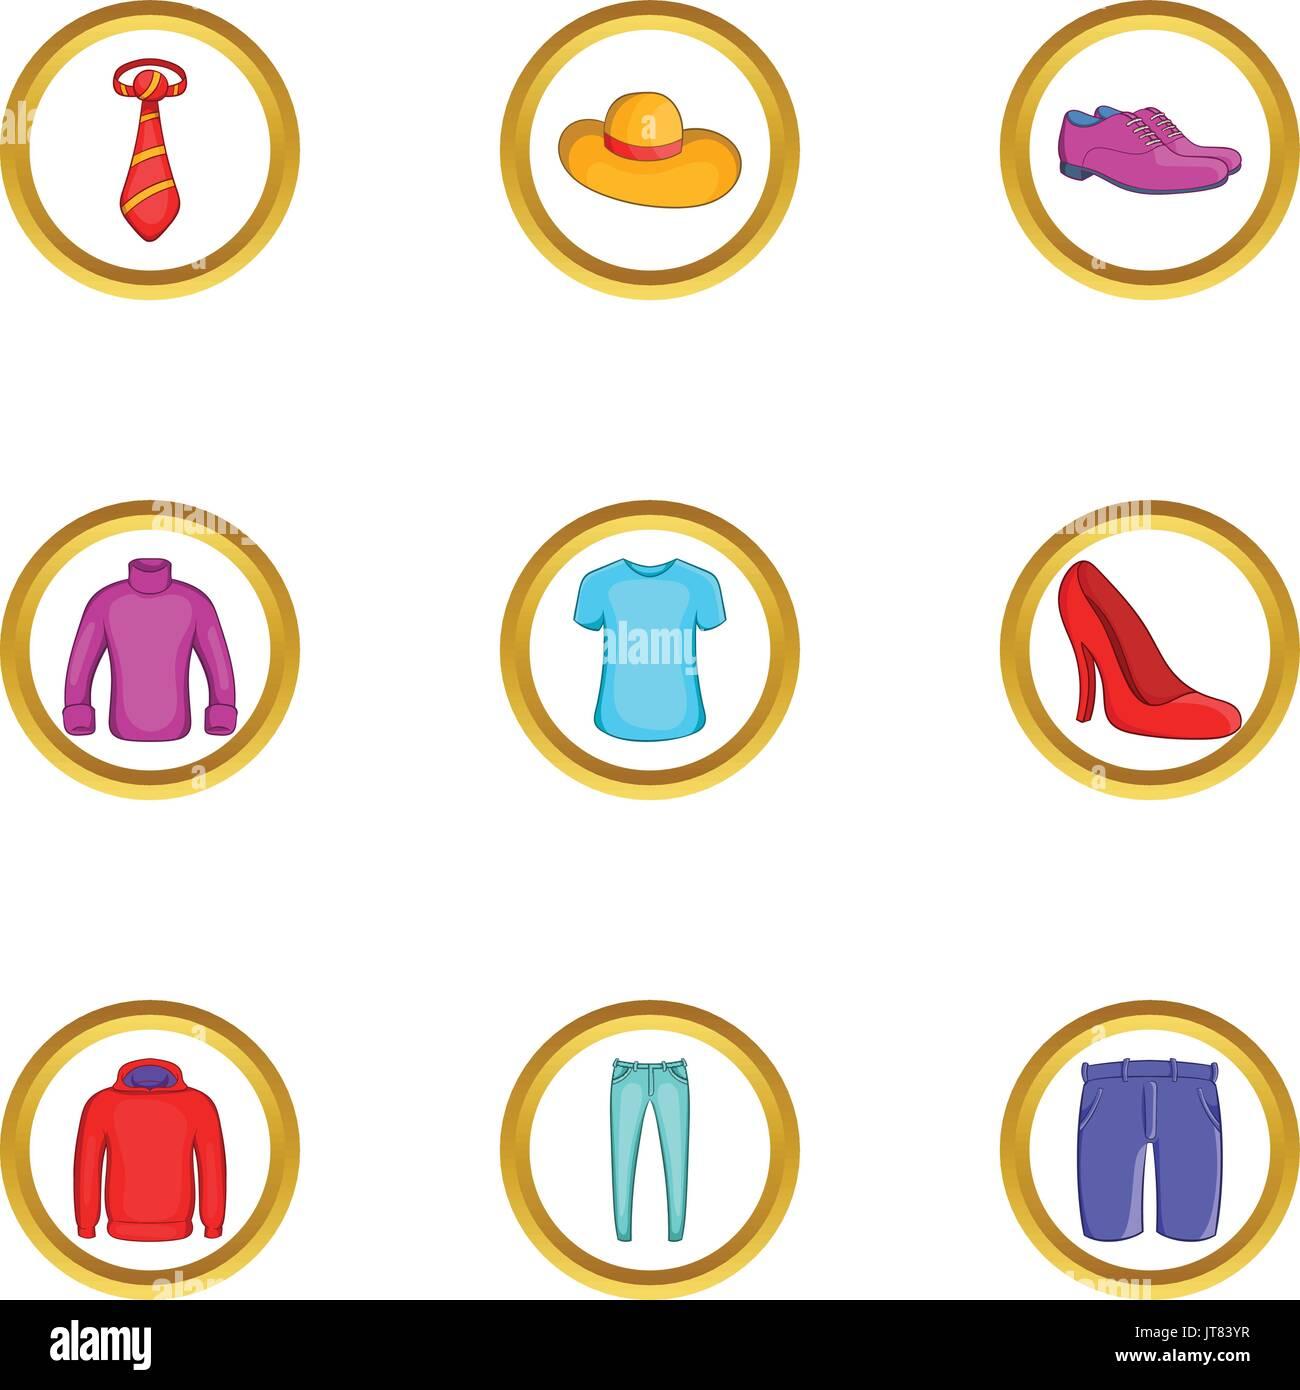 Clothes icon set, cartoon style - Stock Vector